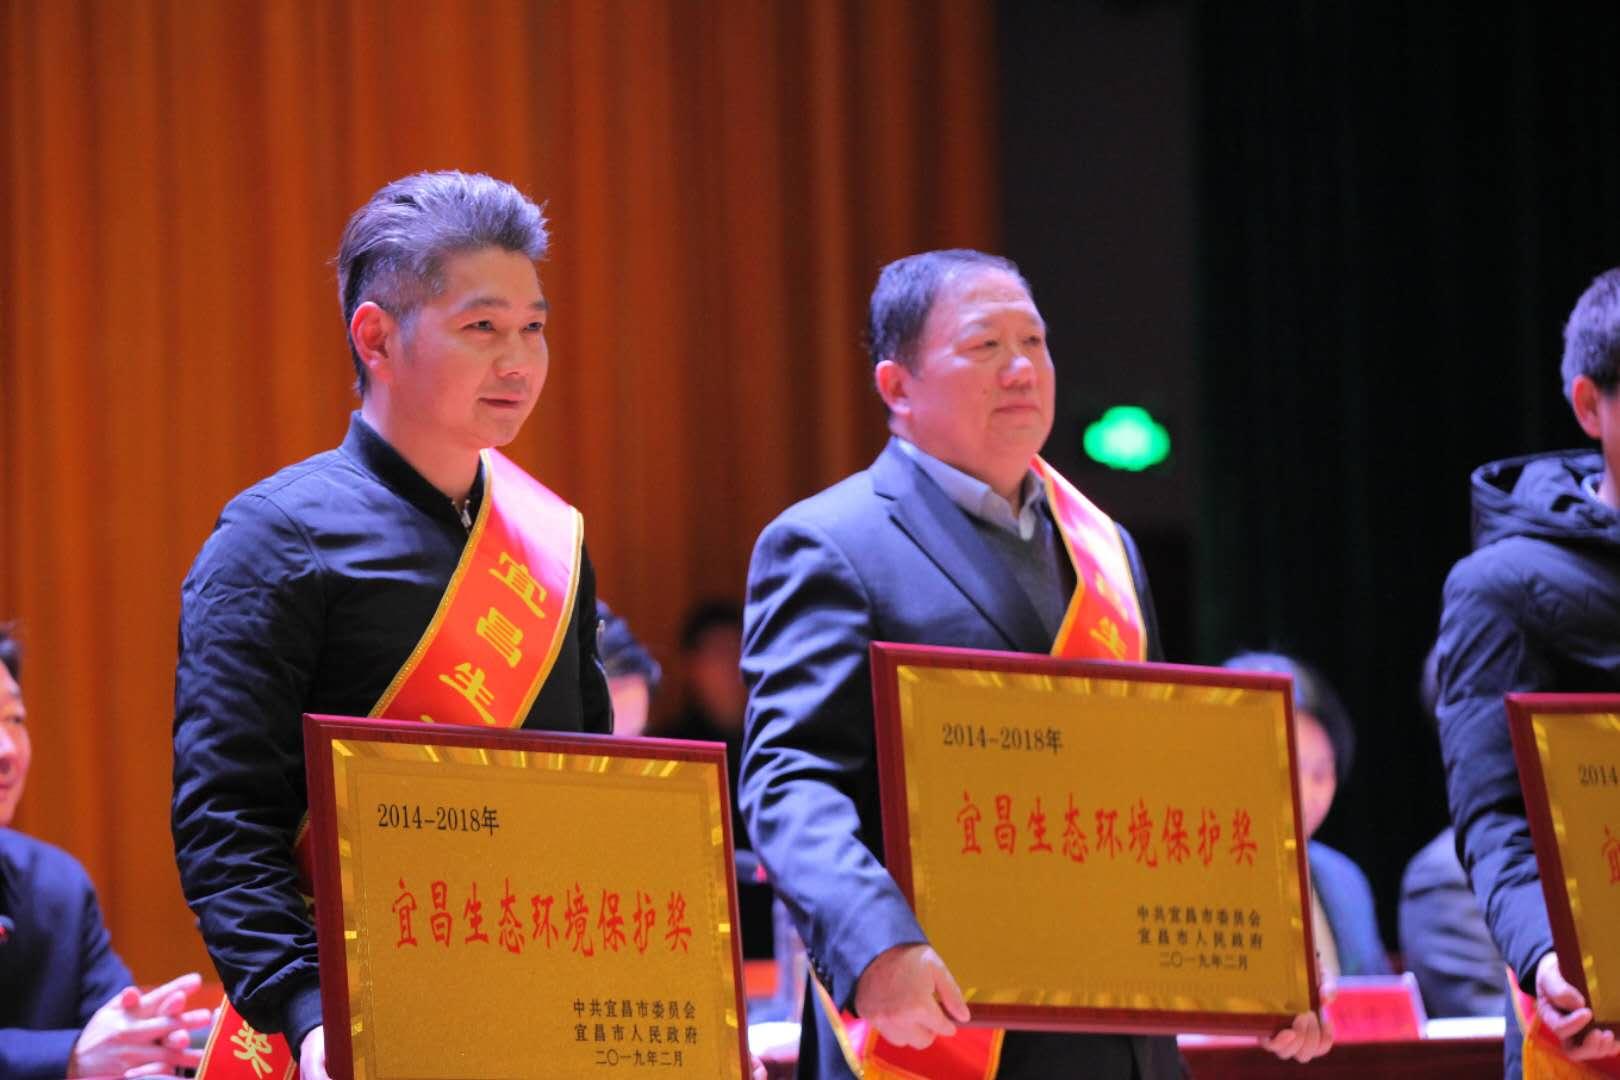 俞学锋董事长和公司获得宜昌两项大奖